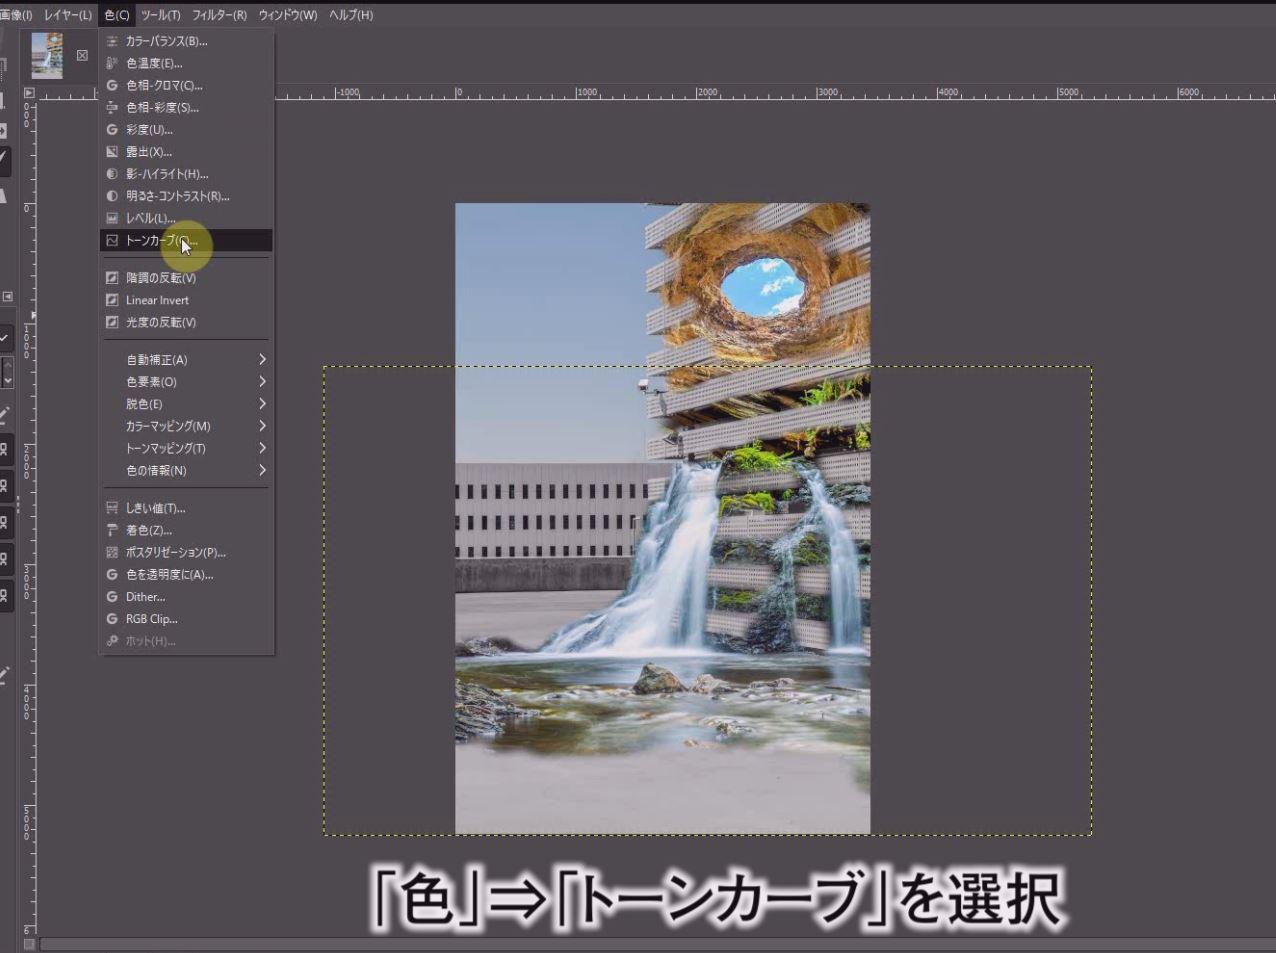 滝レイヤーの左側の画像をクリックします。